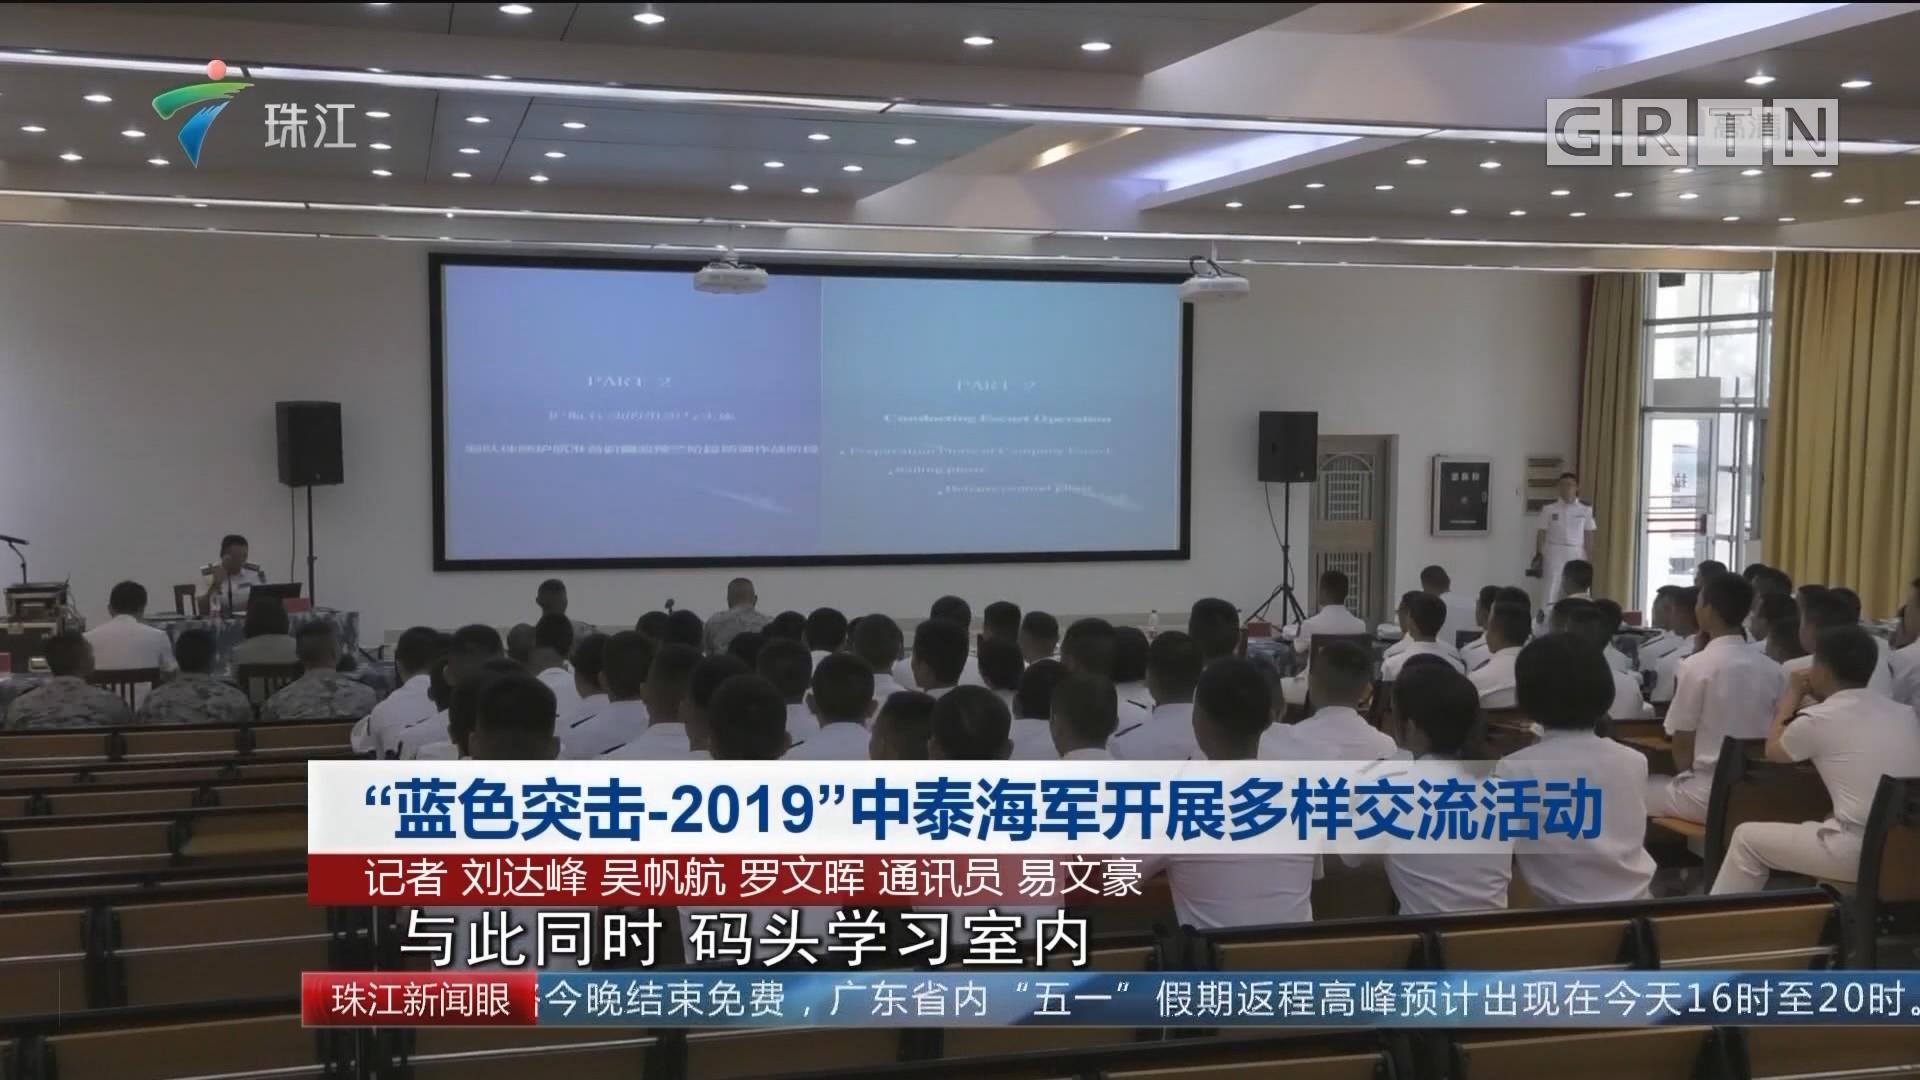 """""""蓝色突击-2019""""中泰海军开展多样交流活动"""